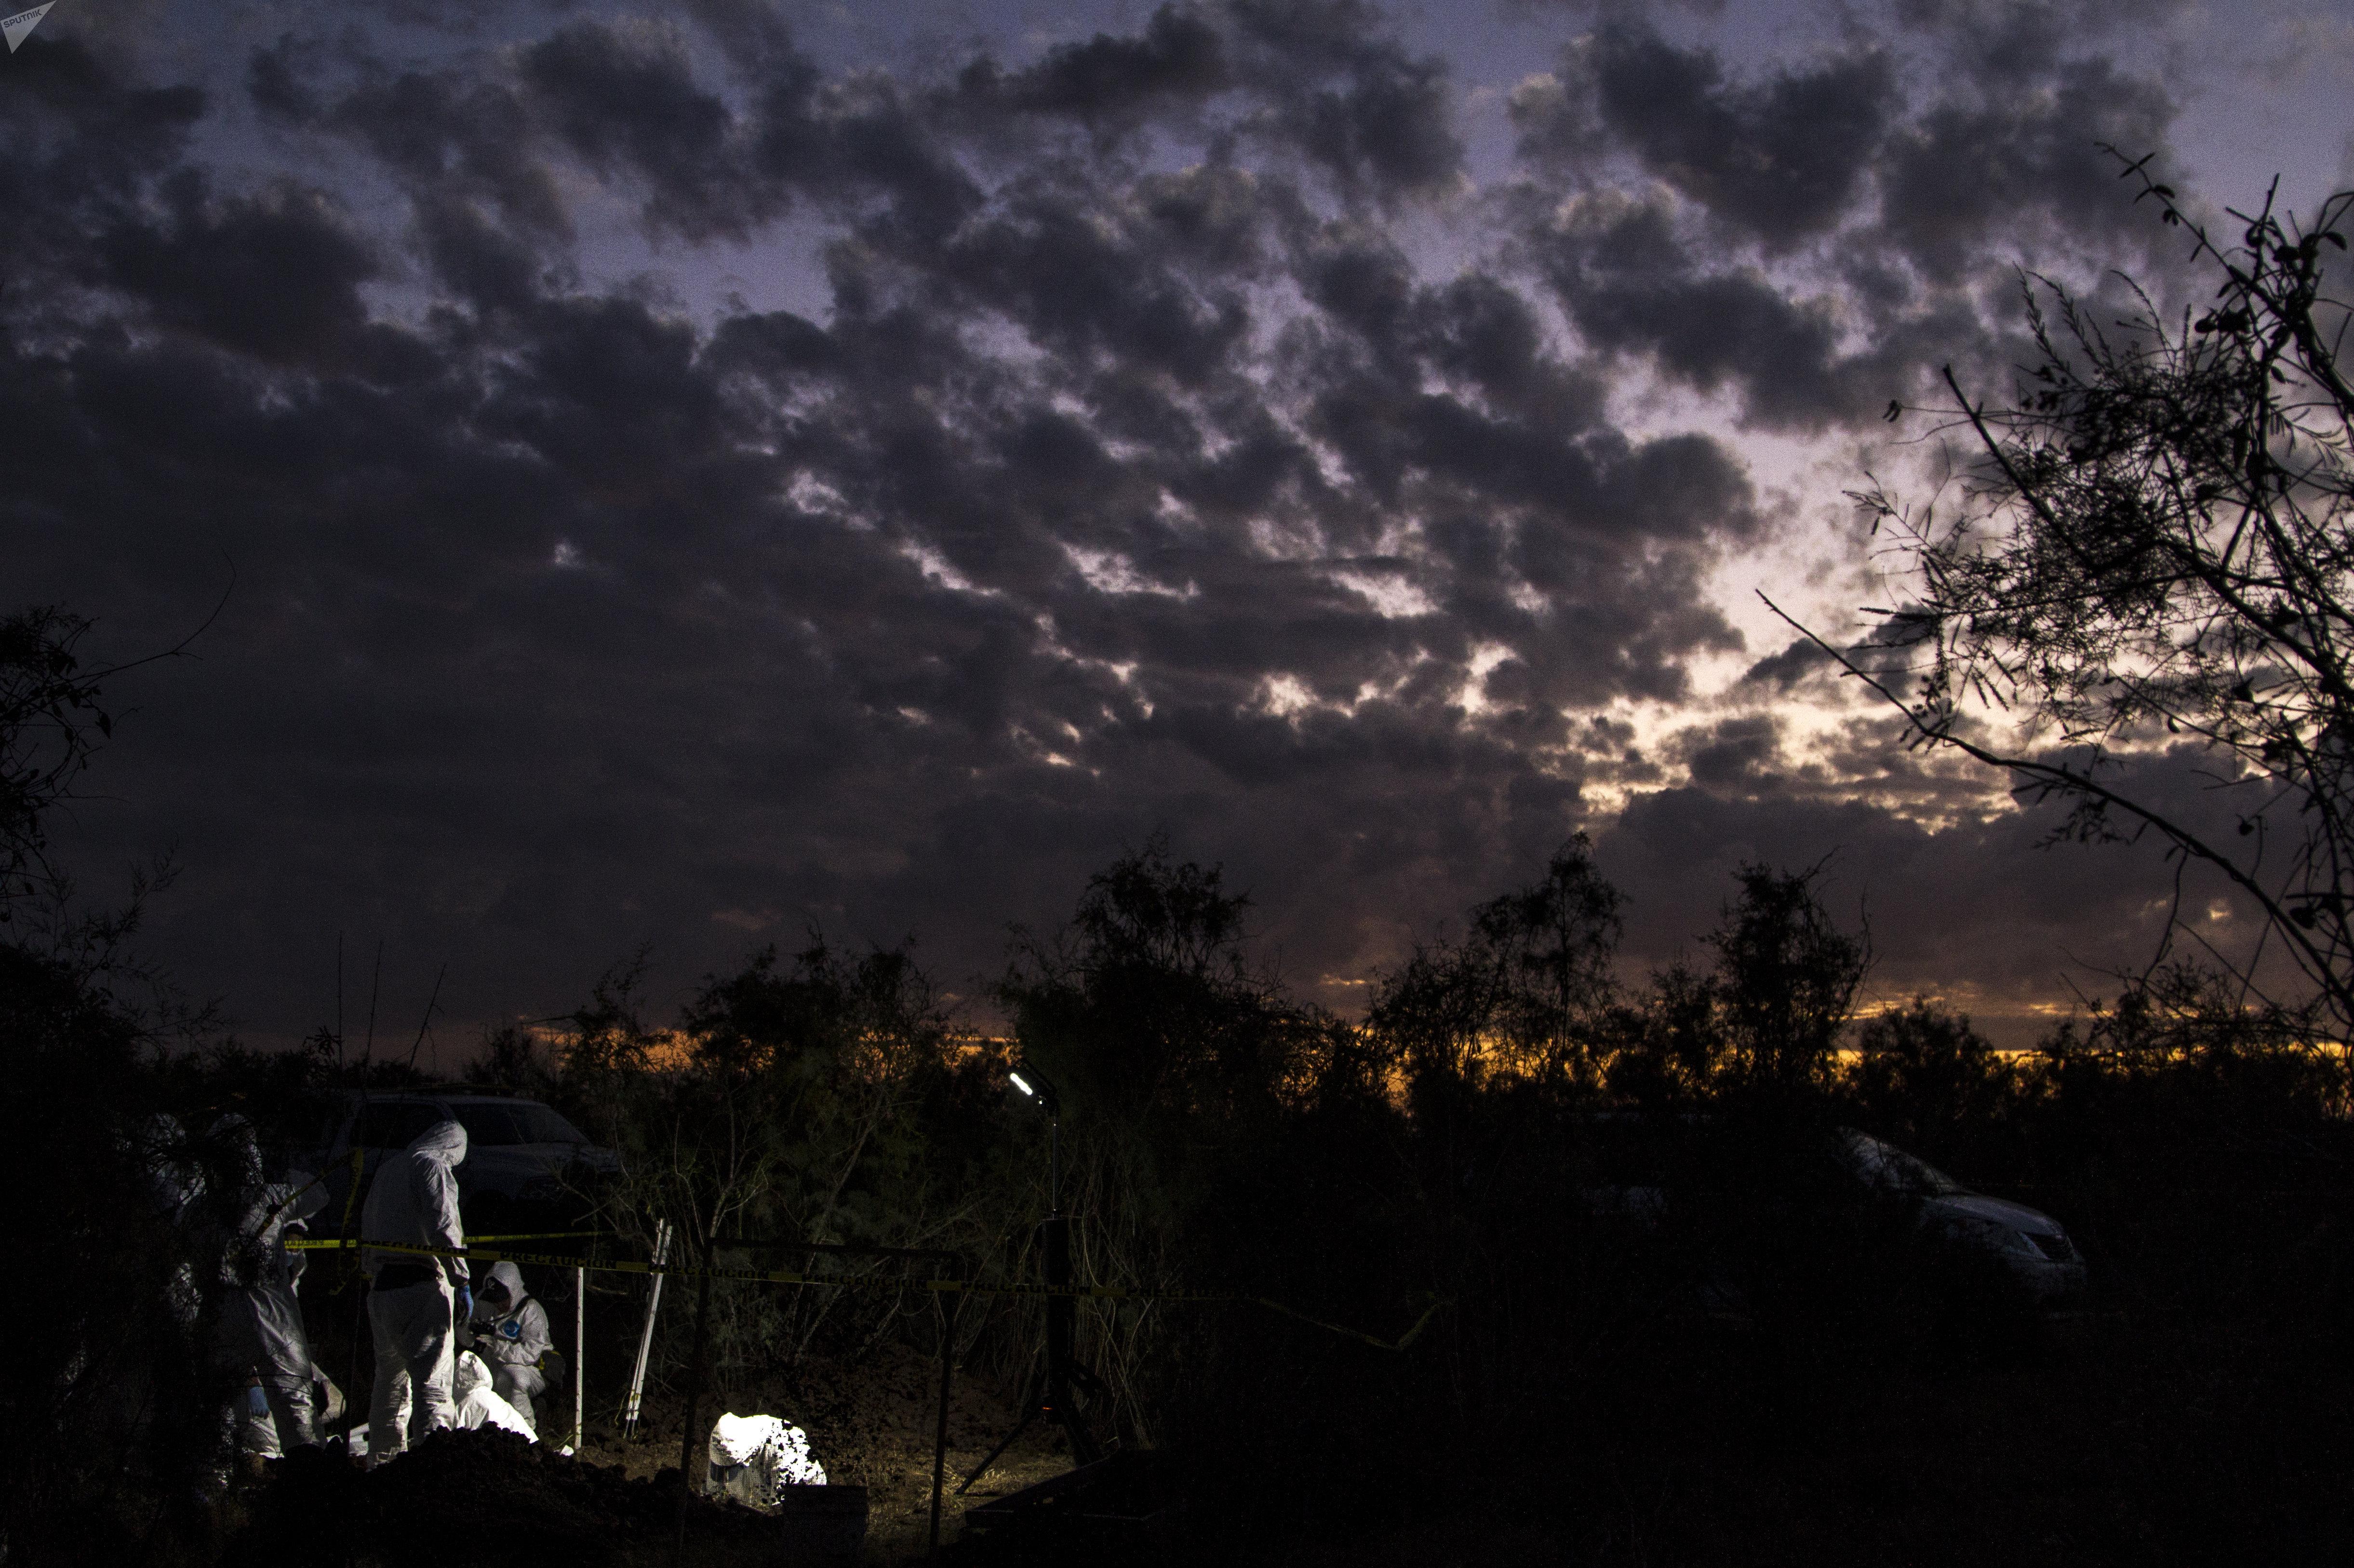 Peritos de la Policía científica recogen un cráneo hallado por familiares en una fosa clandestina de Sinaloa, México